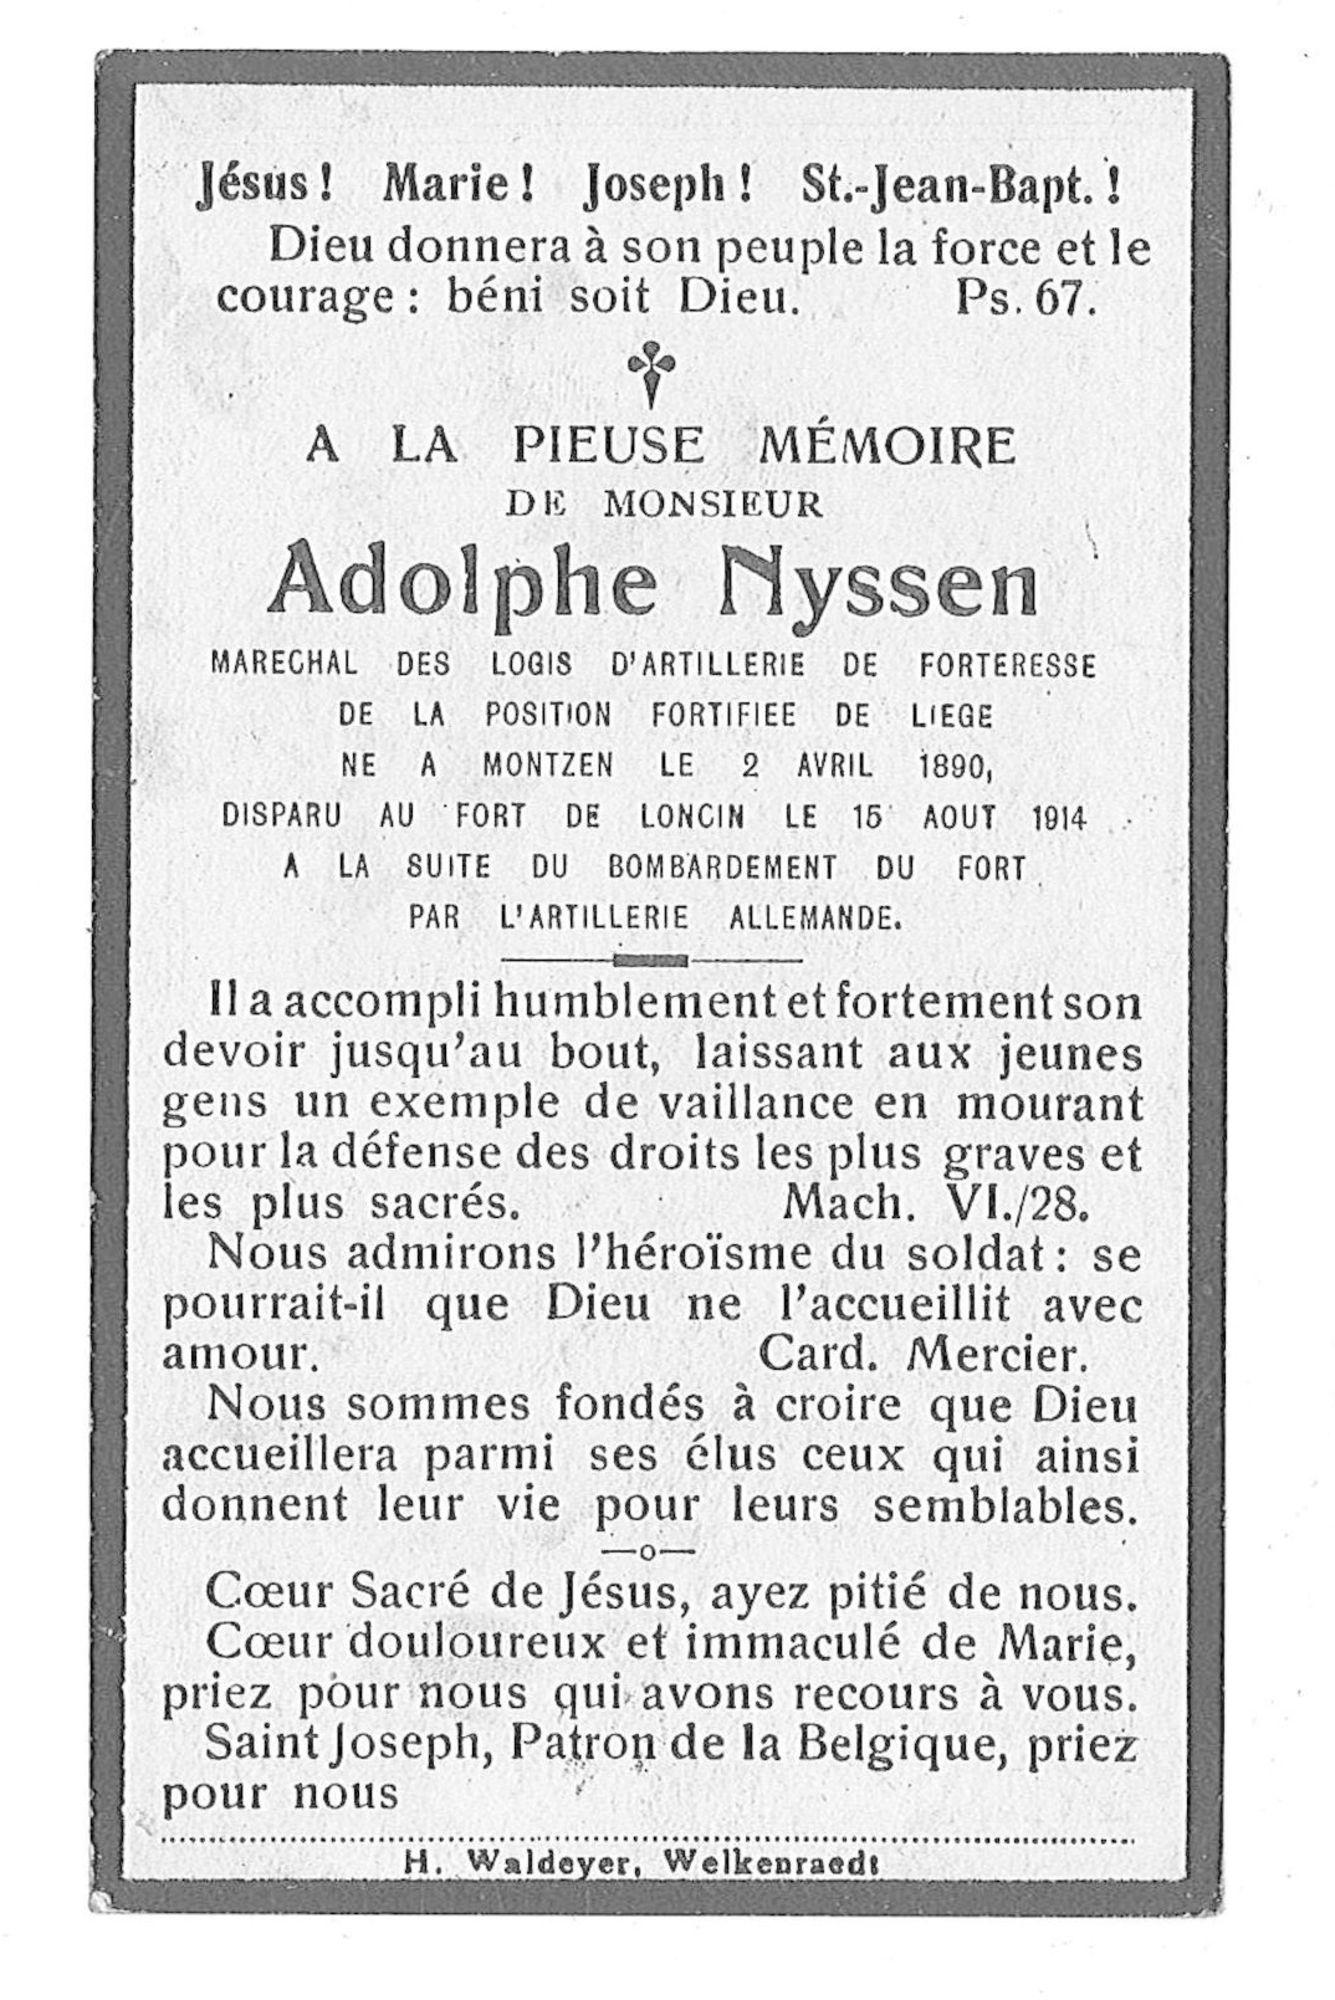 Adolphe Nyssen